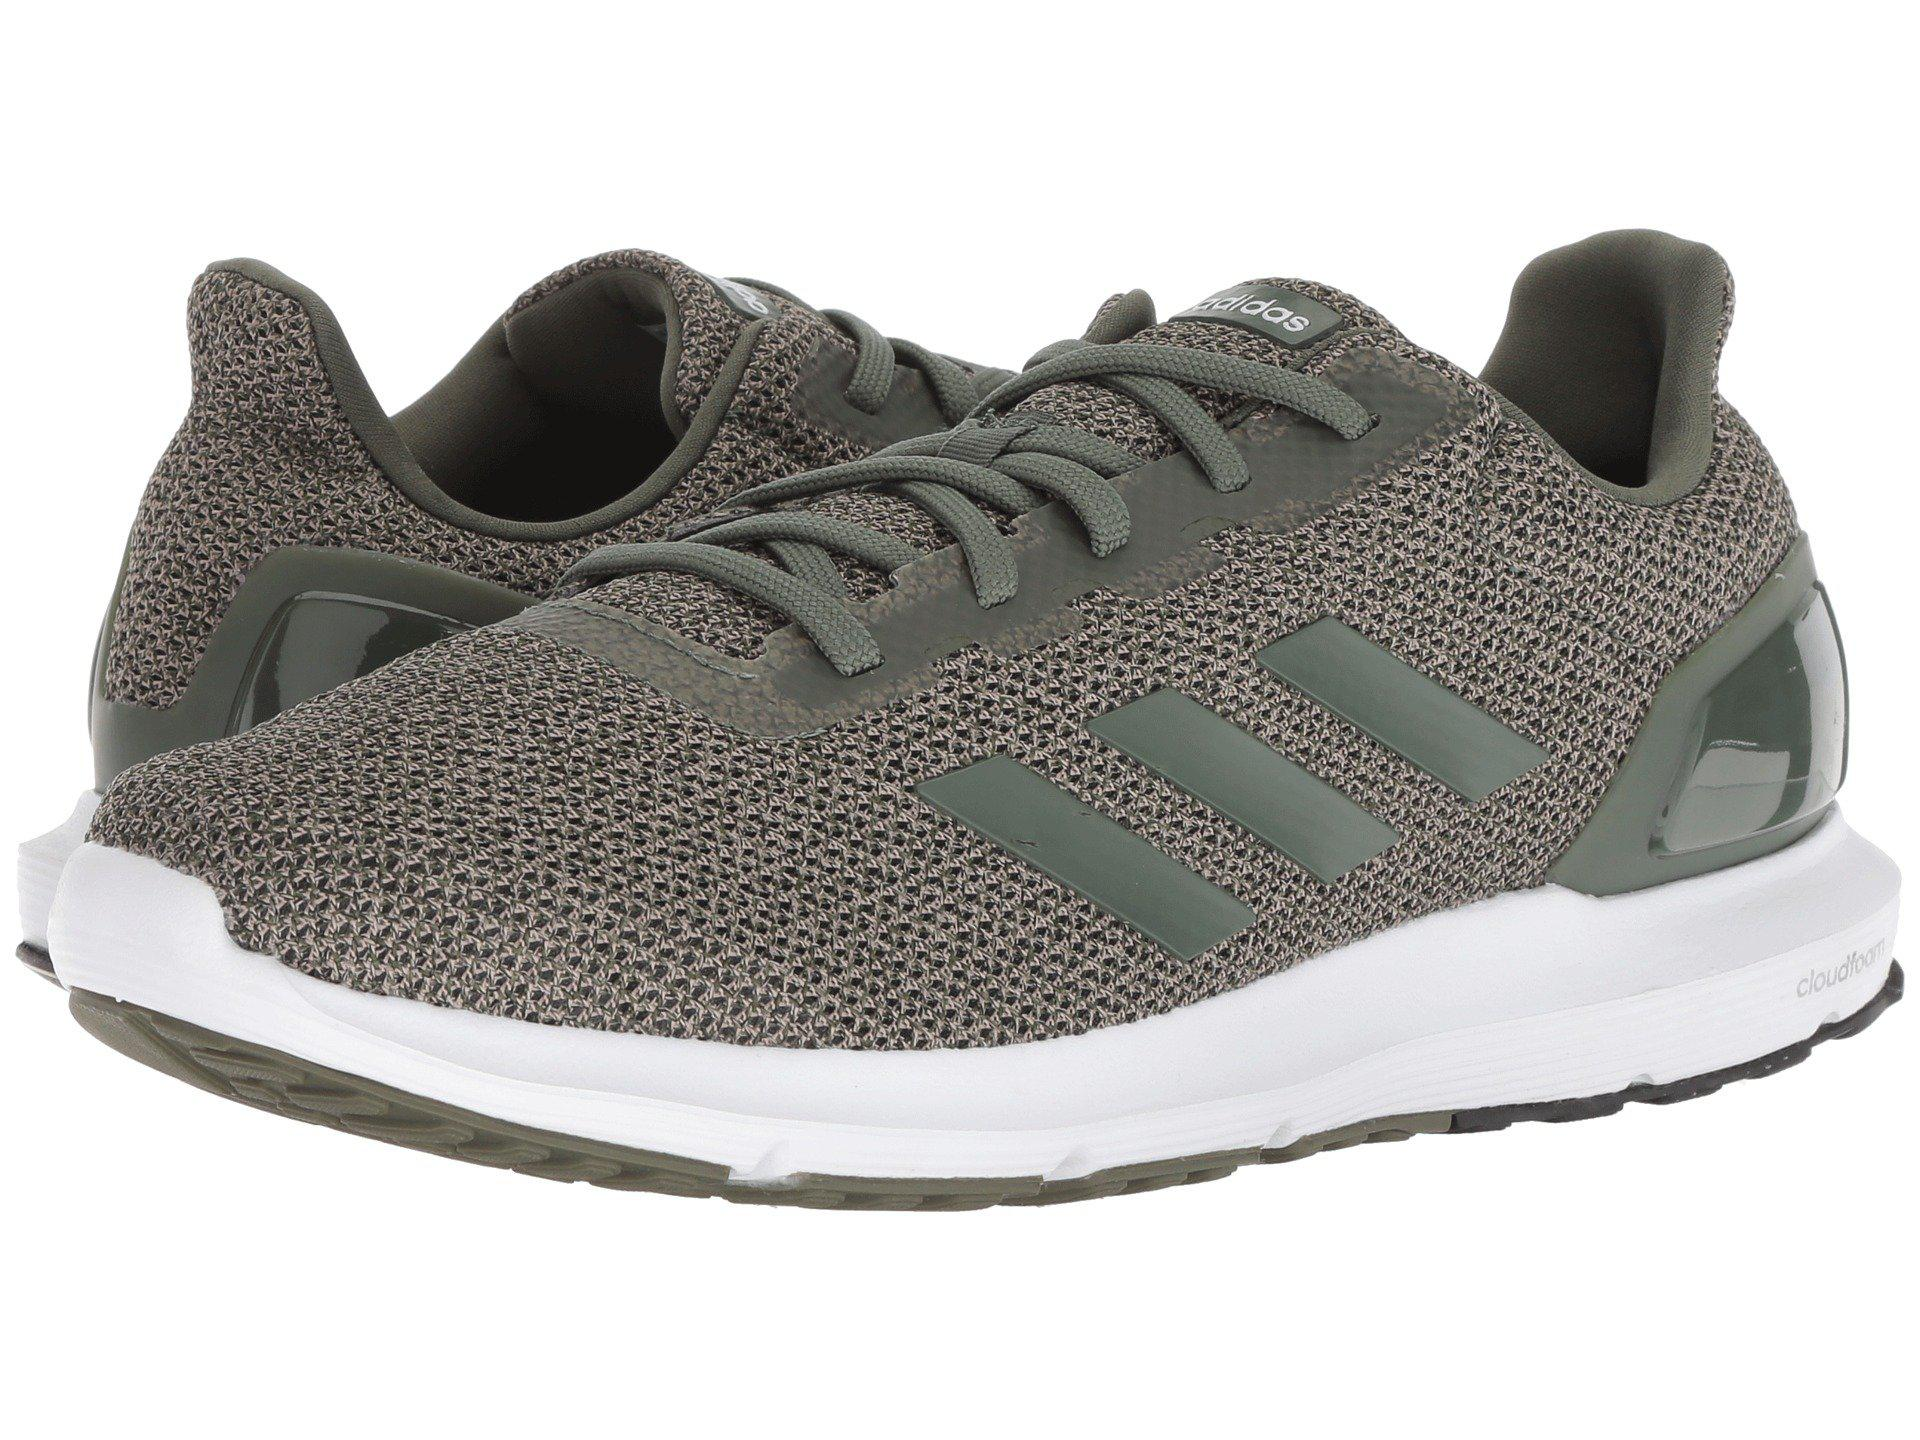 super popular 8a439 a2545 adidas Originals. Mens Green Cosmic 2 Shoes